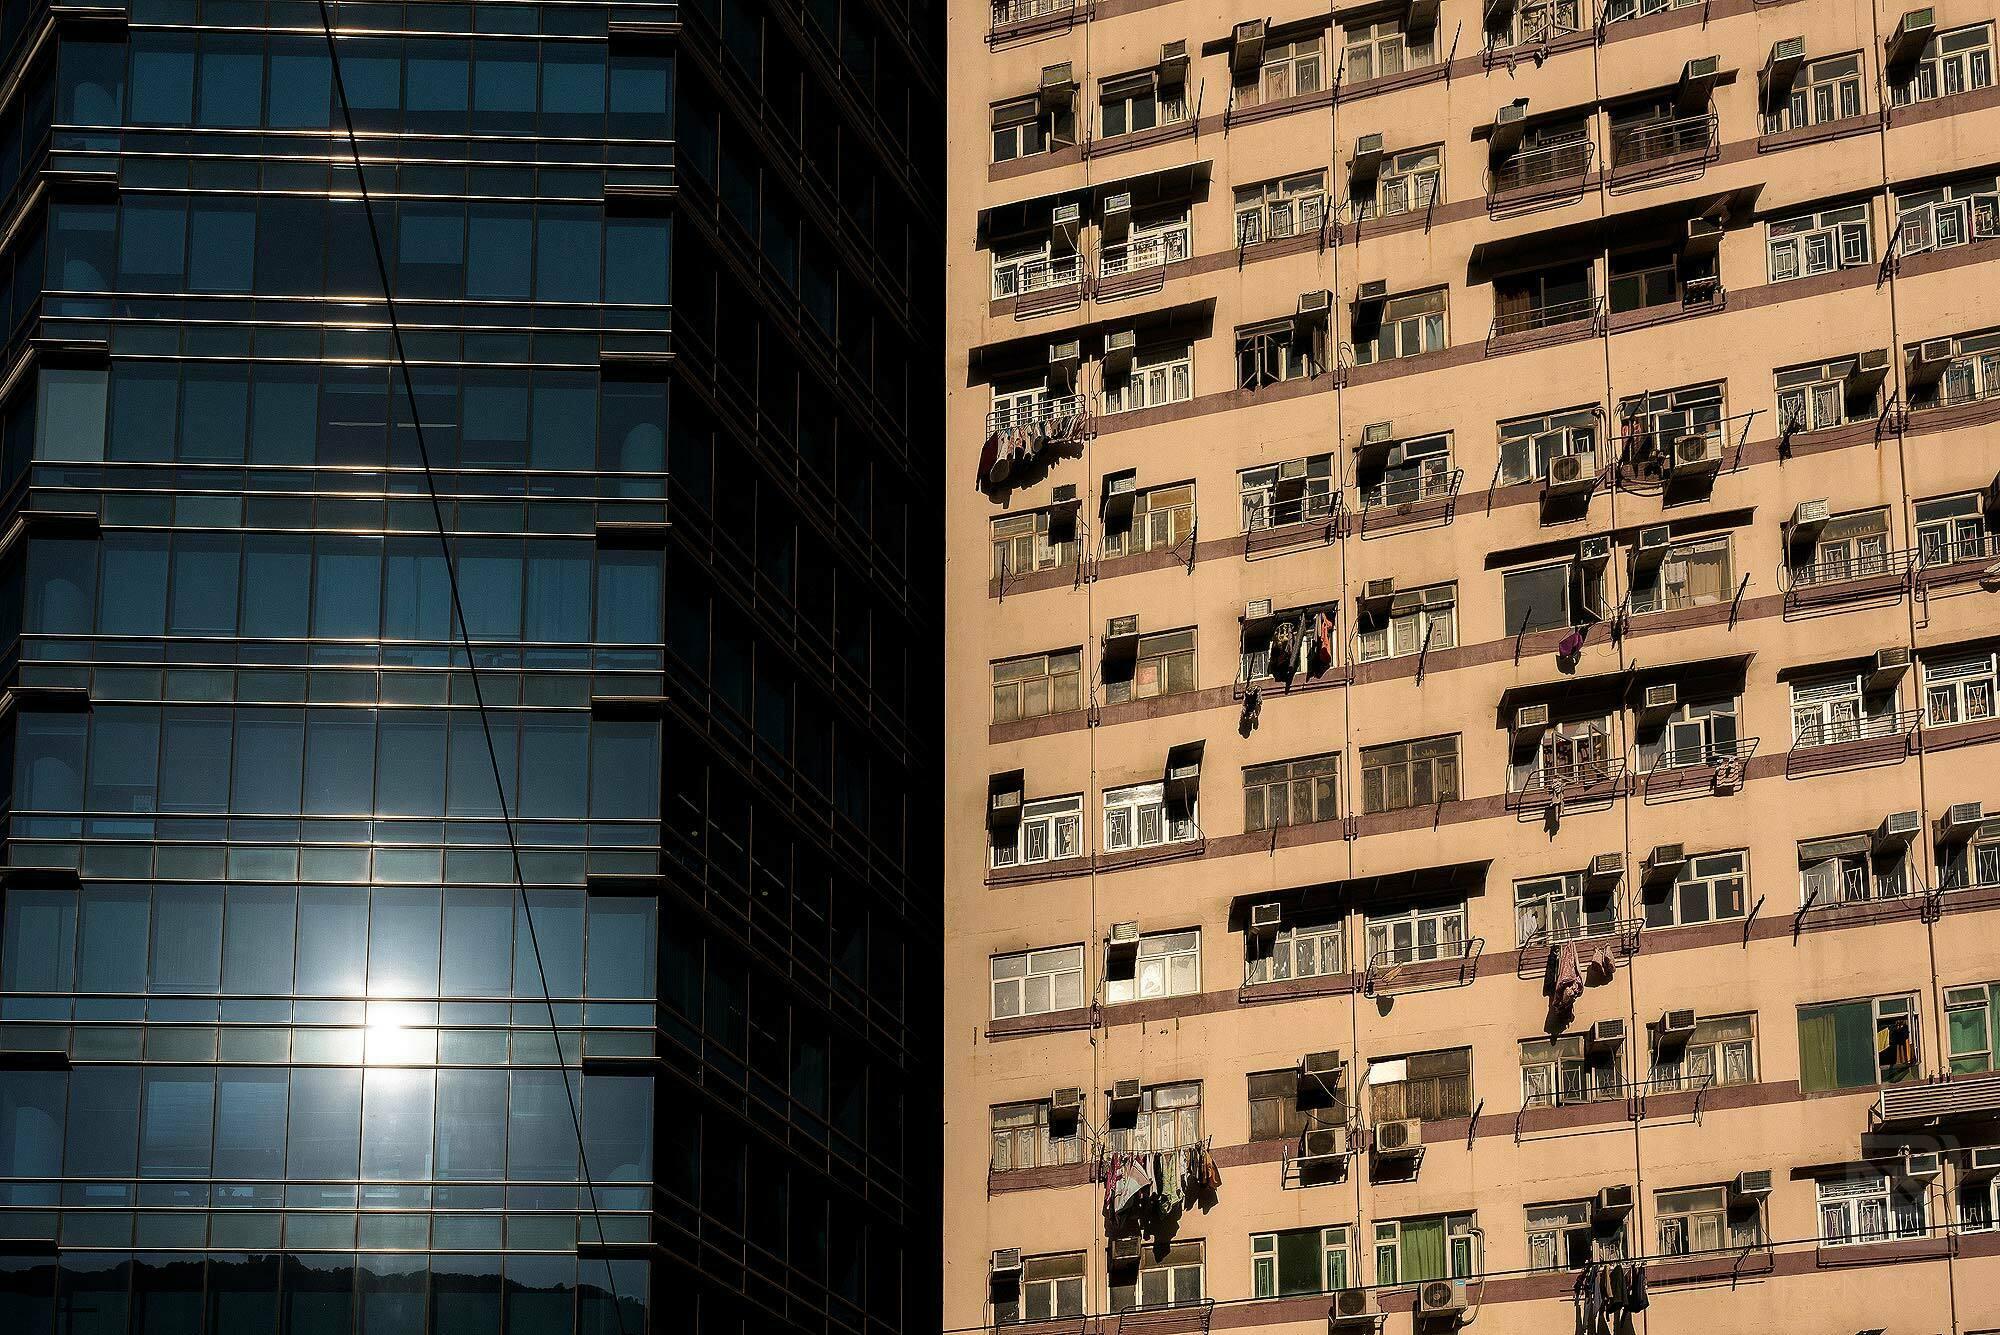 contrast of buildings in Hong Kong